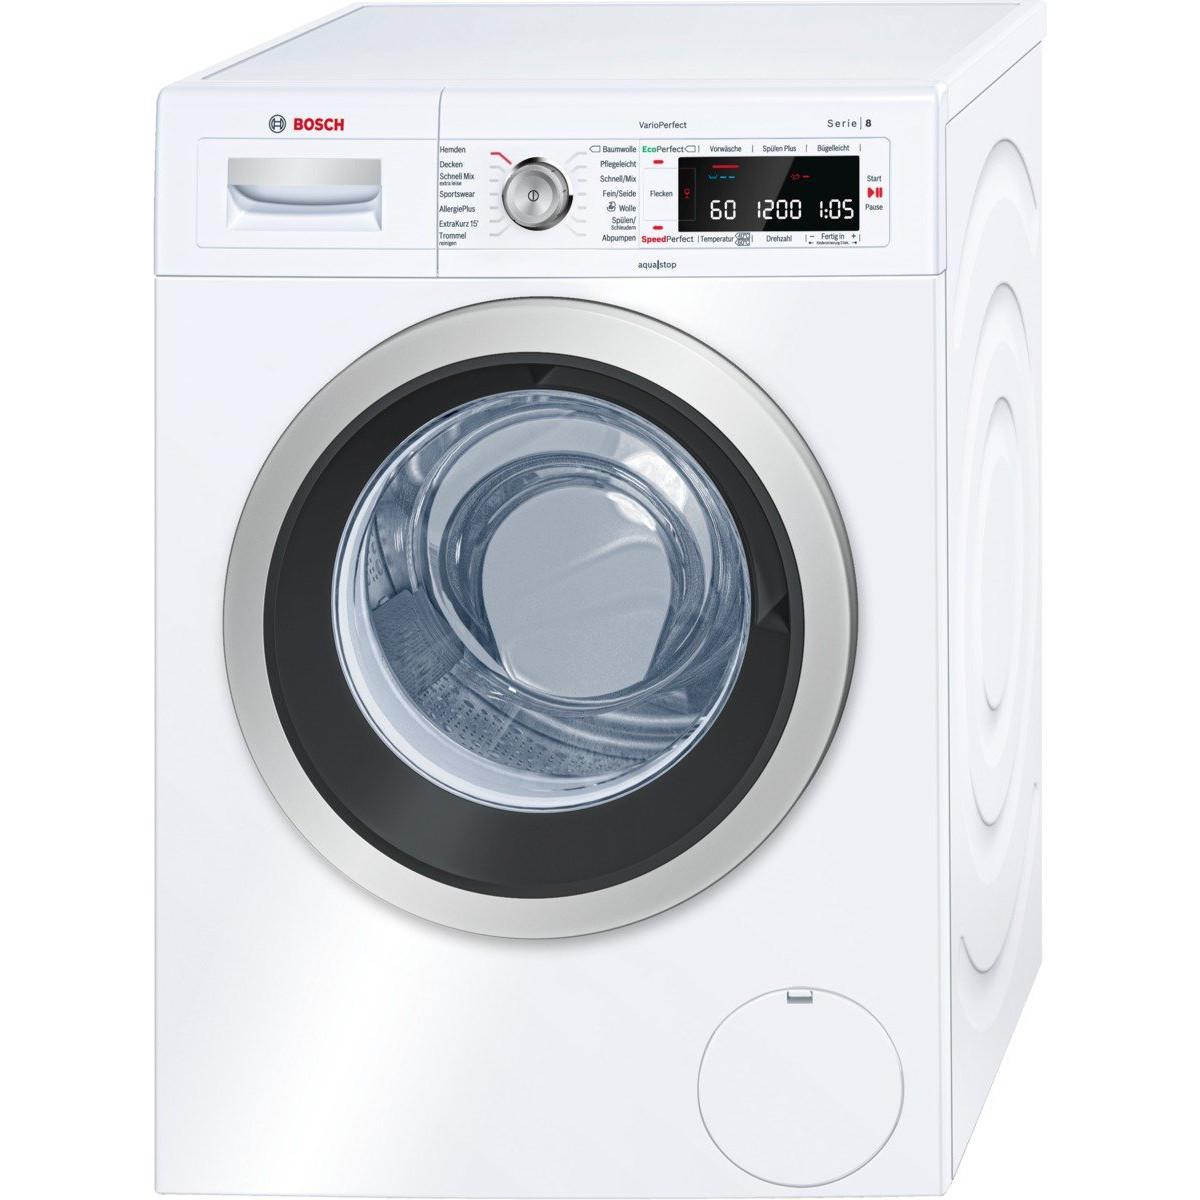 waschmaschine test vergleich top 10 im mai 2018. Black Bedroom Furniture Sets. Home Design Ideas